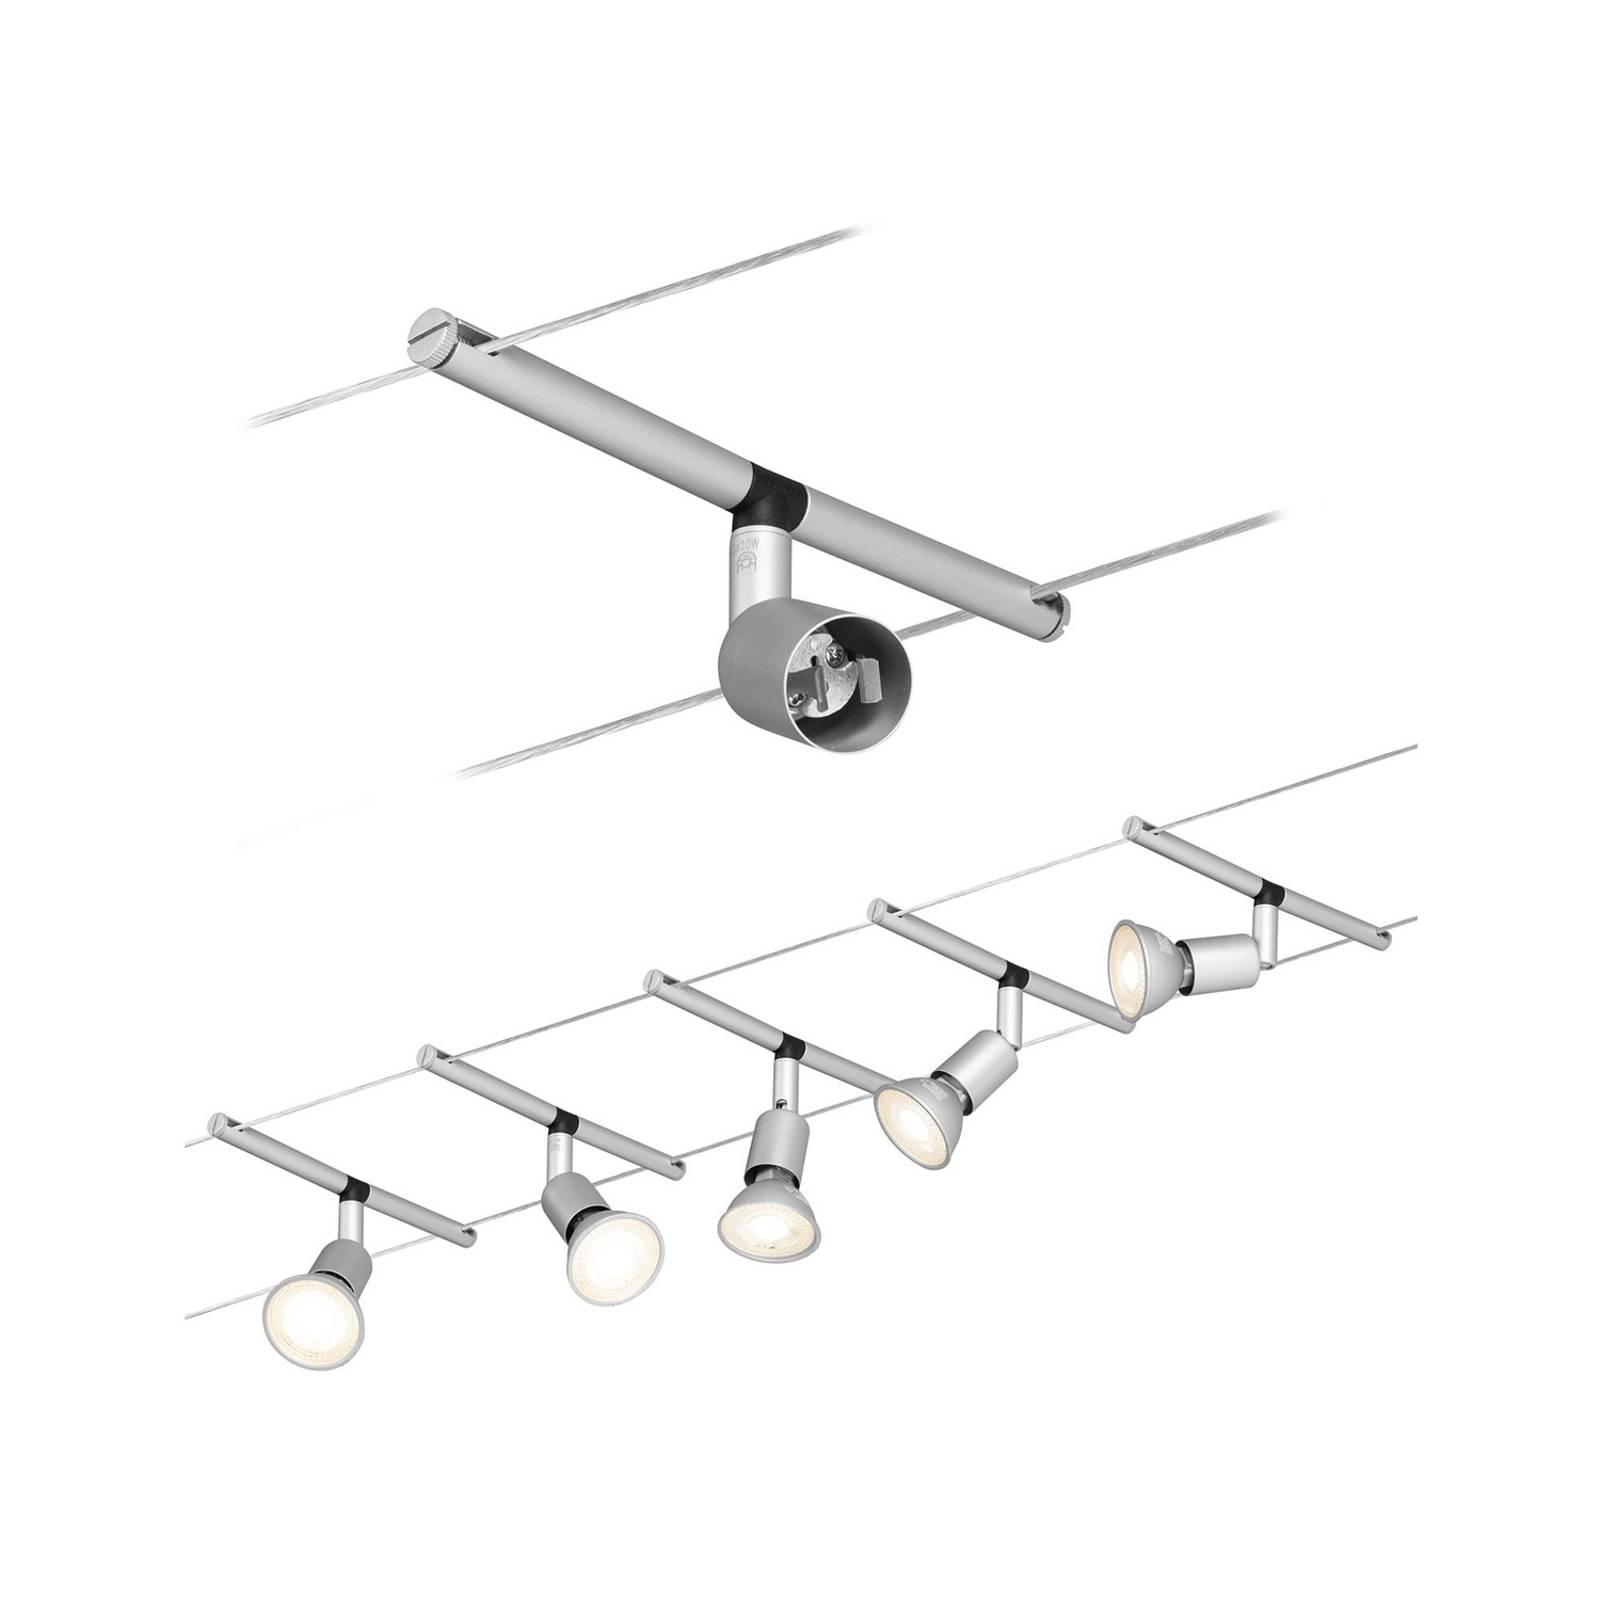 Paulmann 94145 Lankové systémy osvětlení